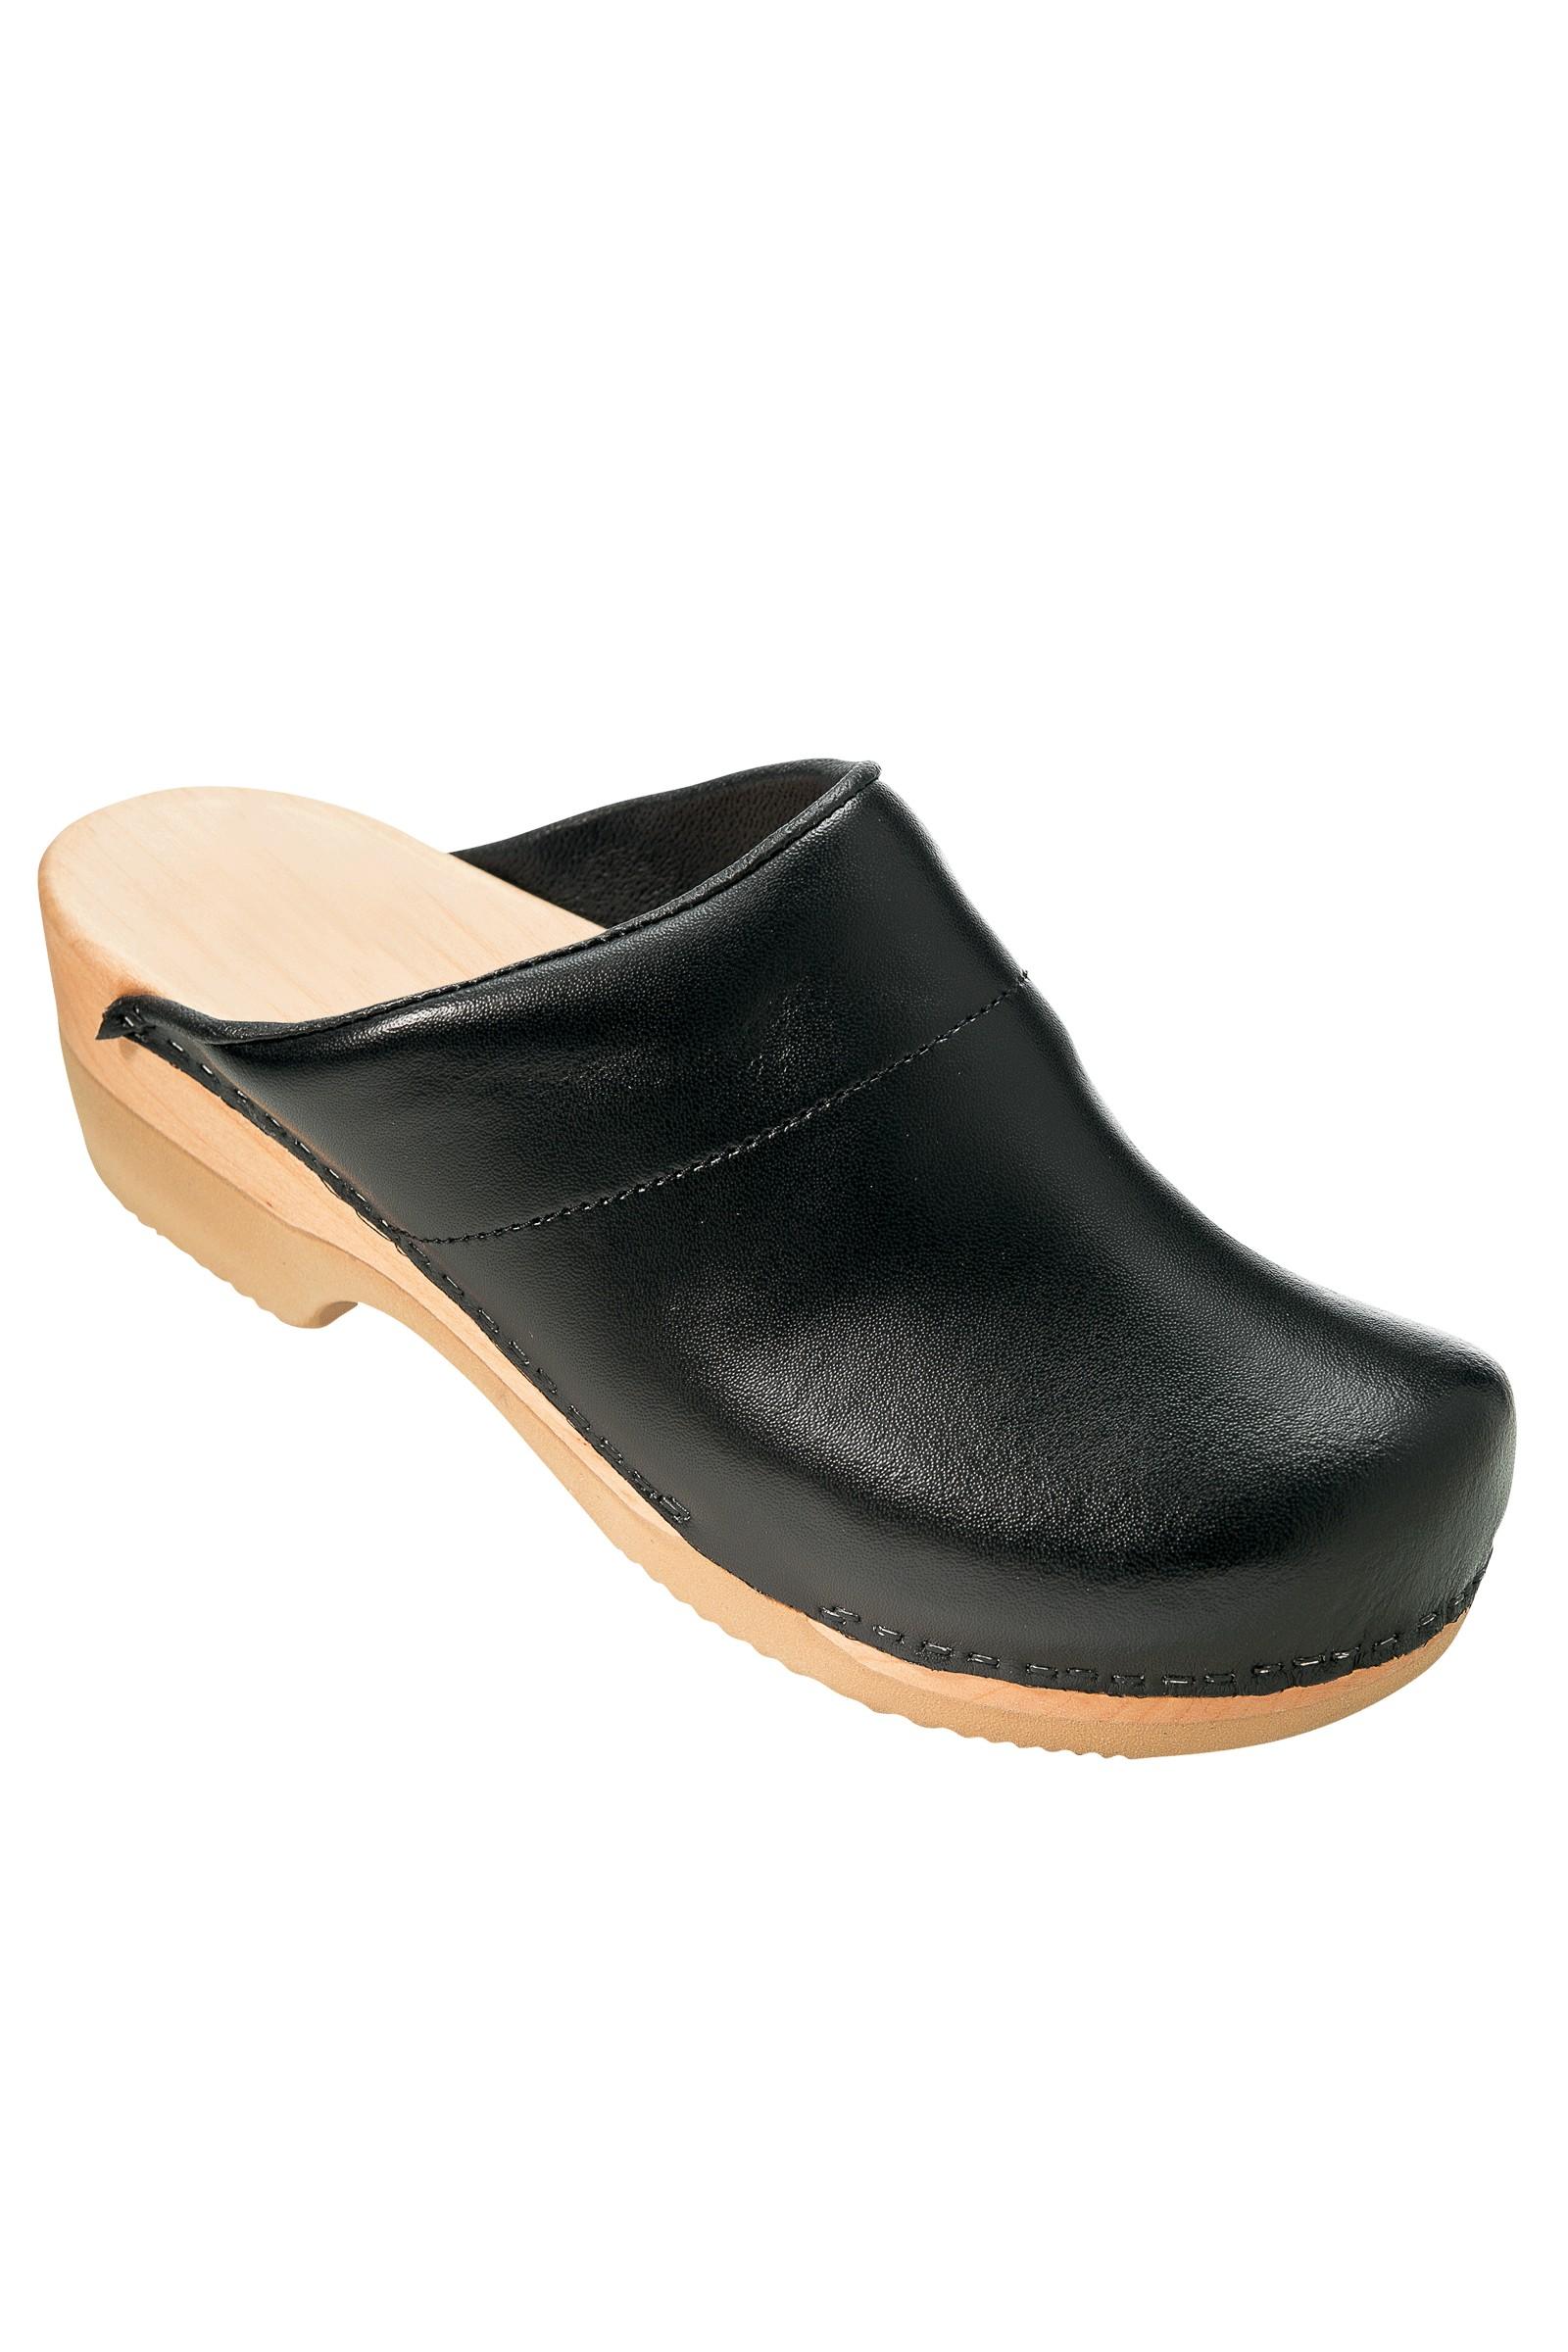 Carnicería Carnicería Trabajo Zapato Bragard Trabajo Bragard Trabajo Zapato Zapato FHq4p1w